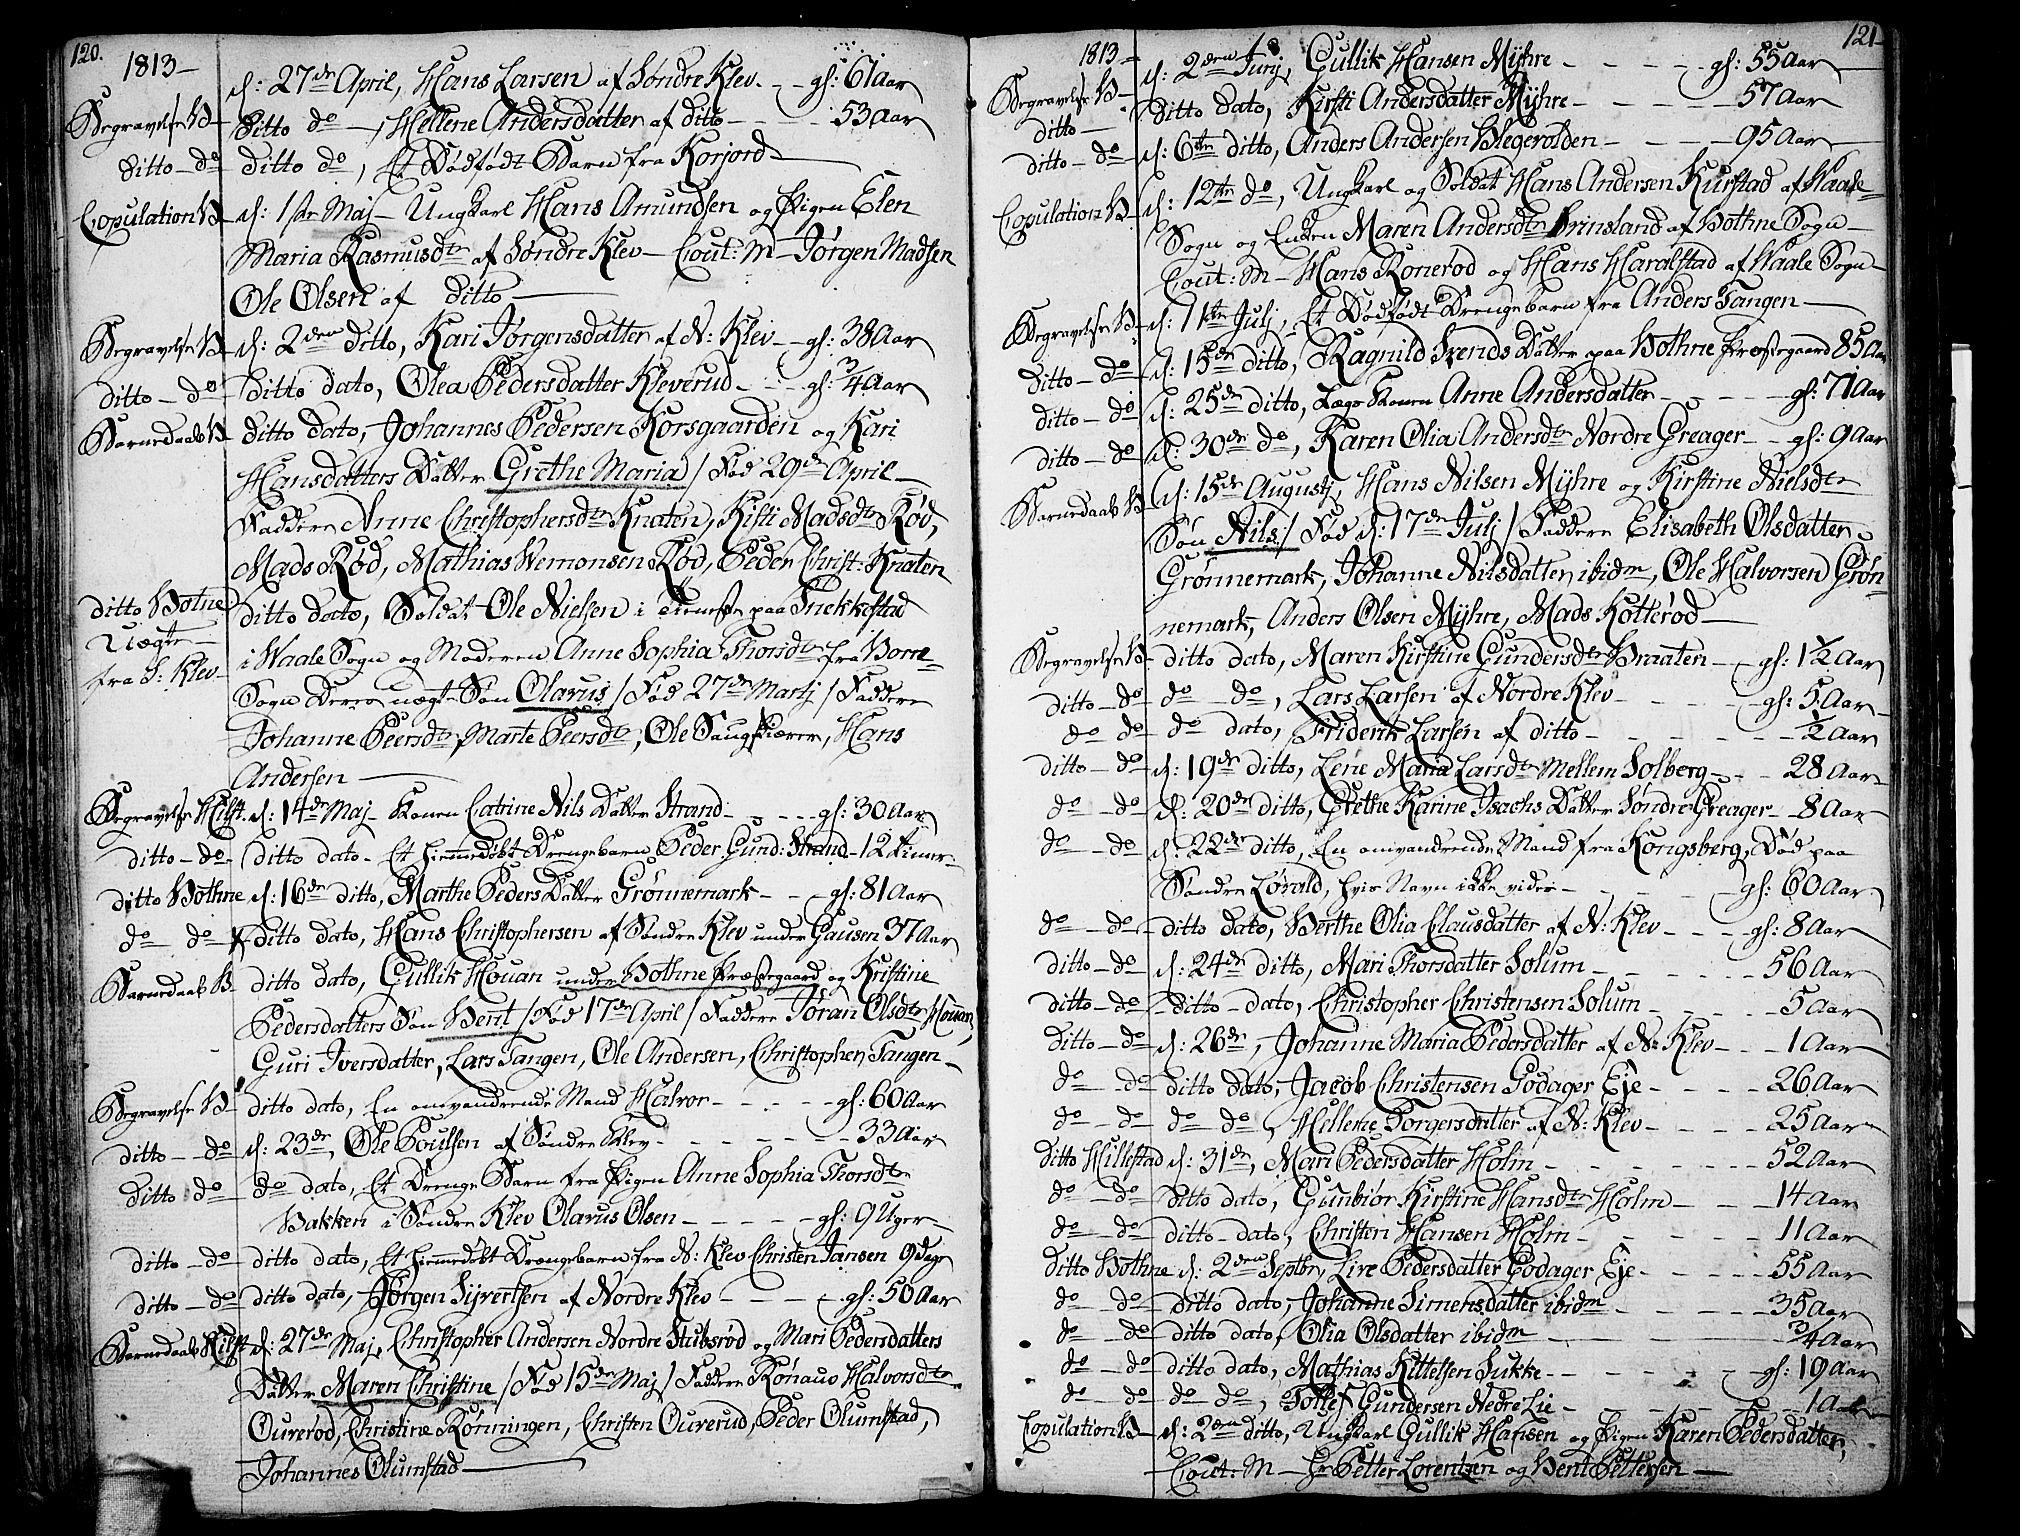 SAKO, Botne kirkebøker, F/Fa/L0003: Ministerialbok nr. I 3 /1, 1792-1844, s. 120-121